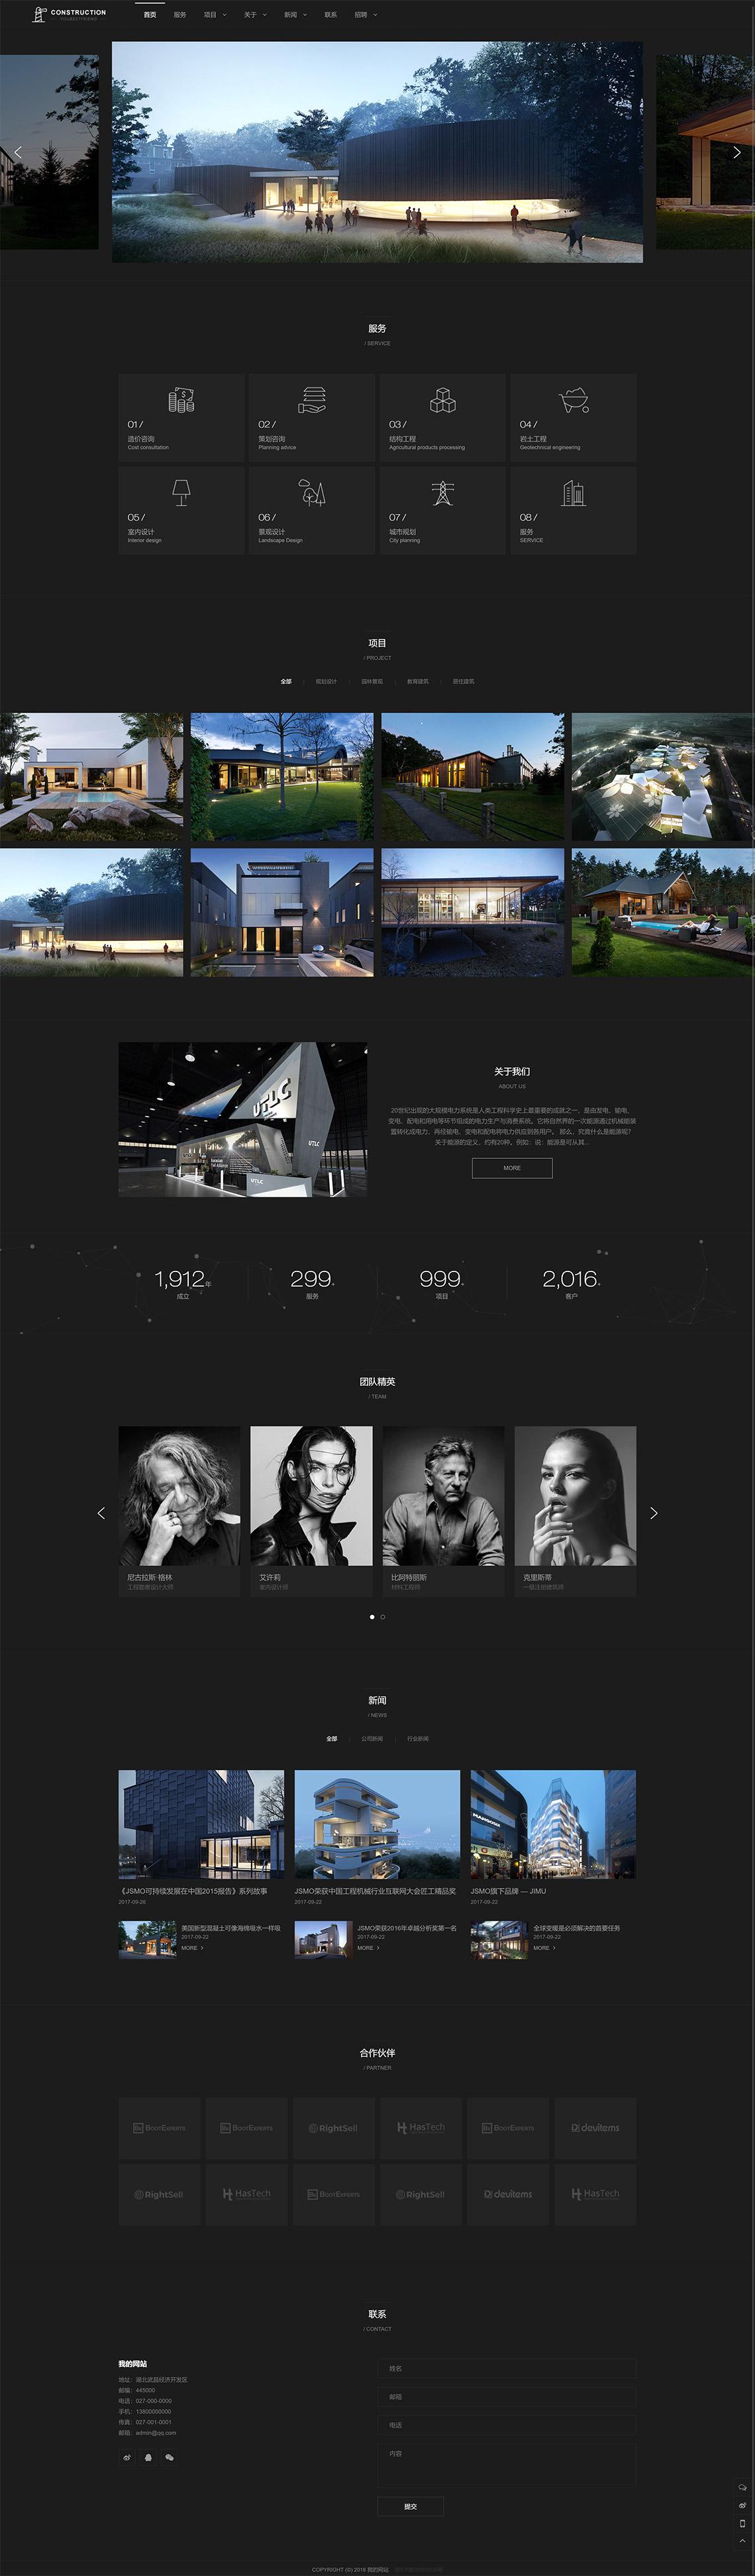 黑色高端酷炫建筑空间设计类响应式html模板 -2